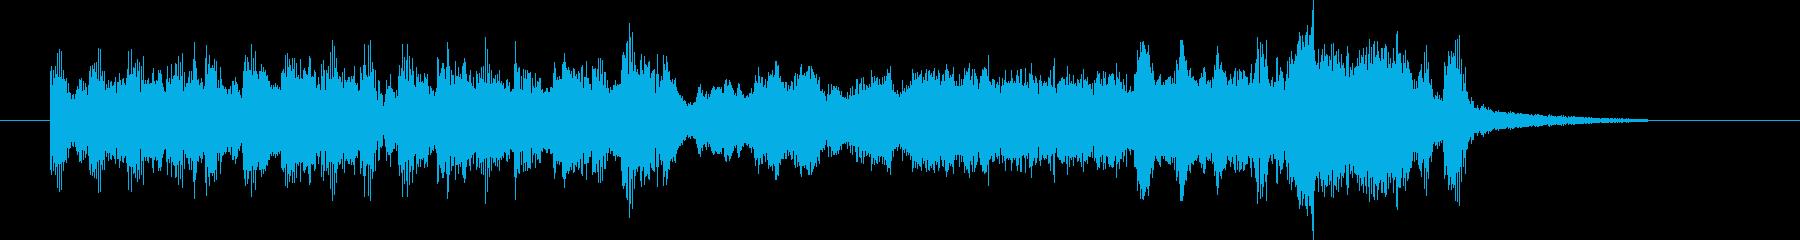 「サクセス」 アレンジ bの再生済みの波形